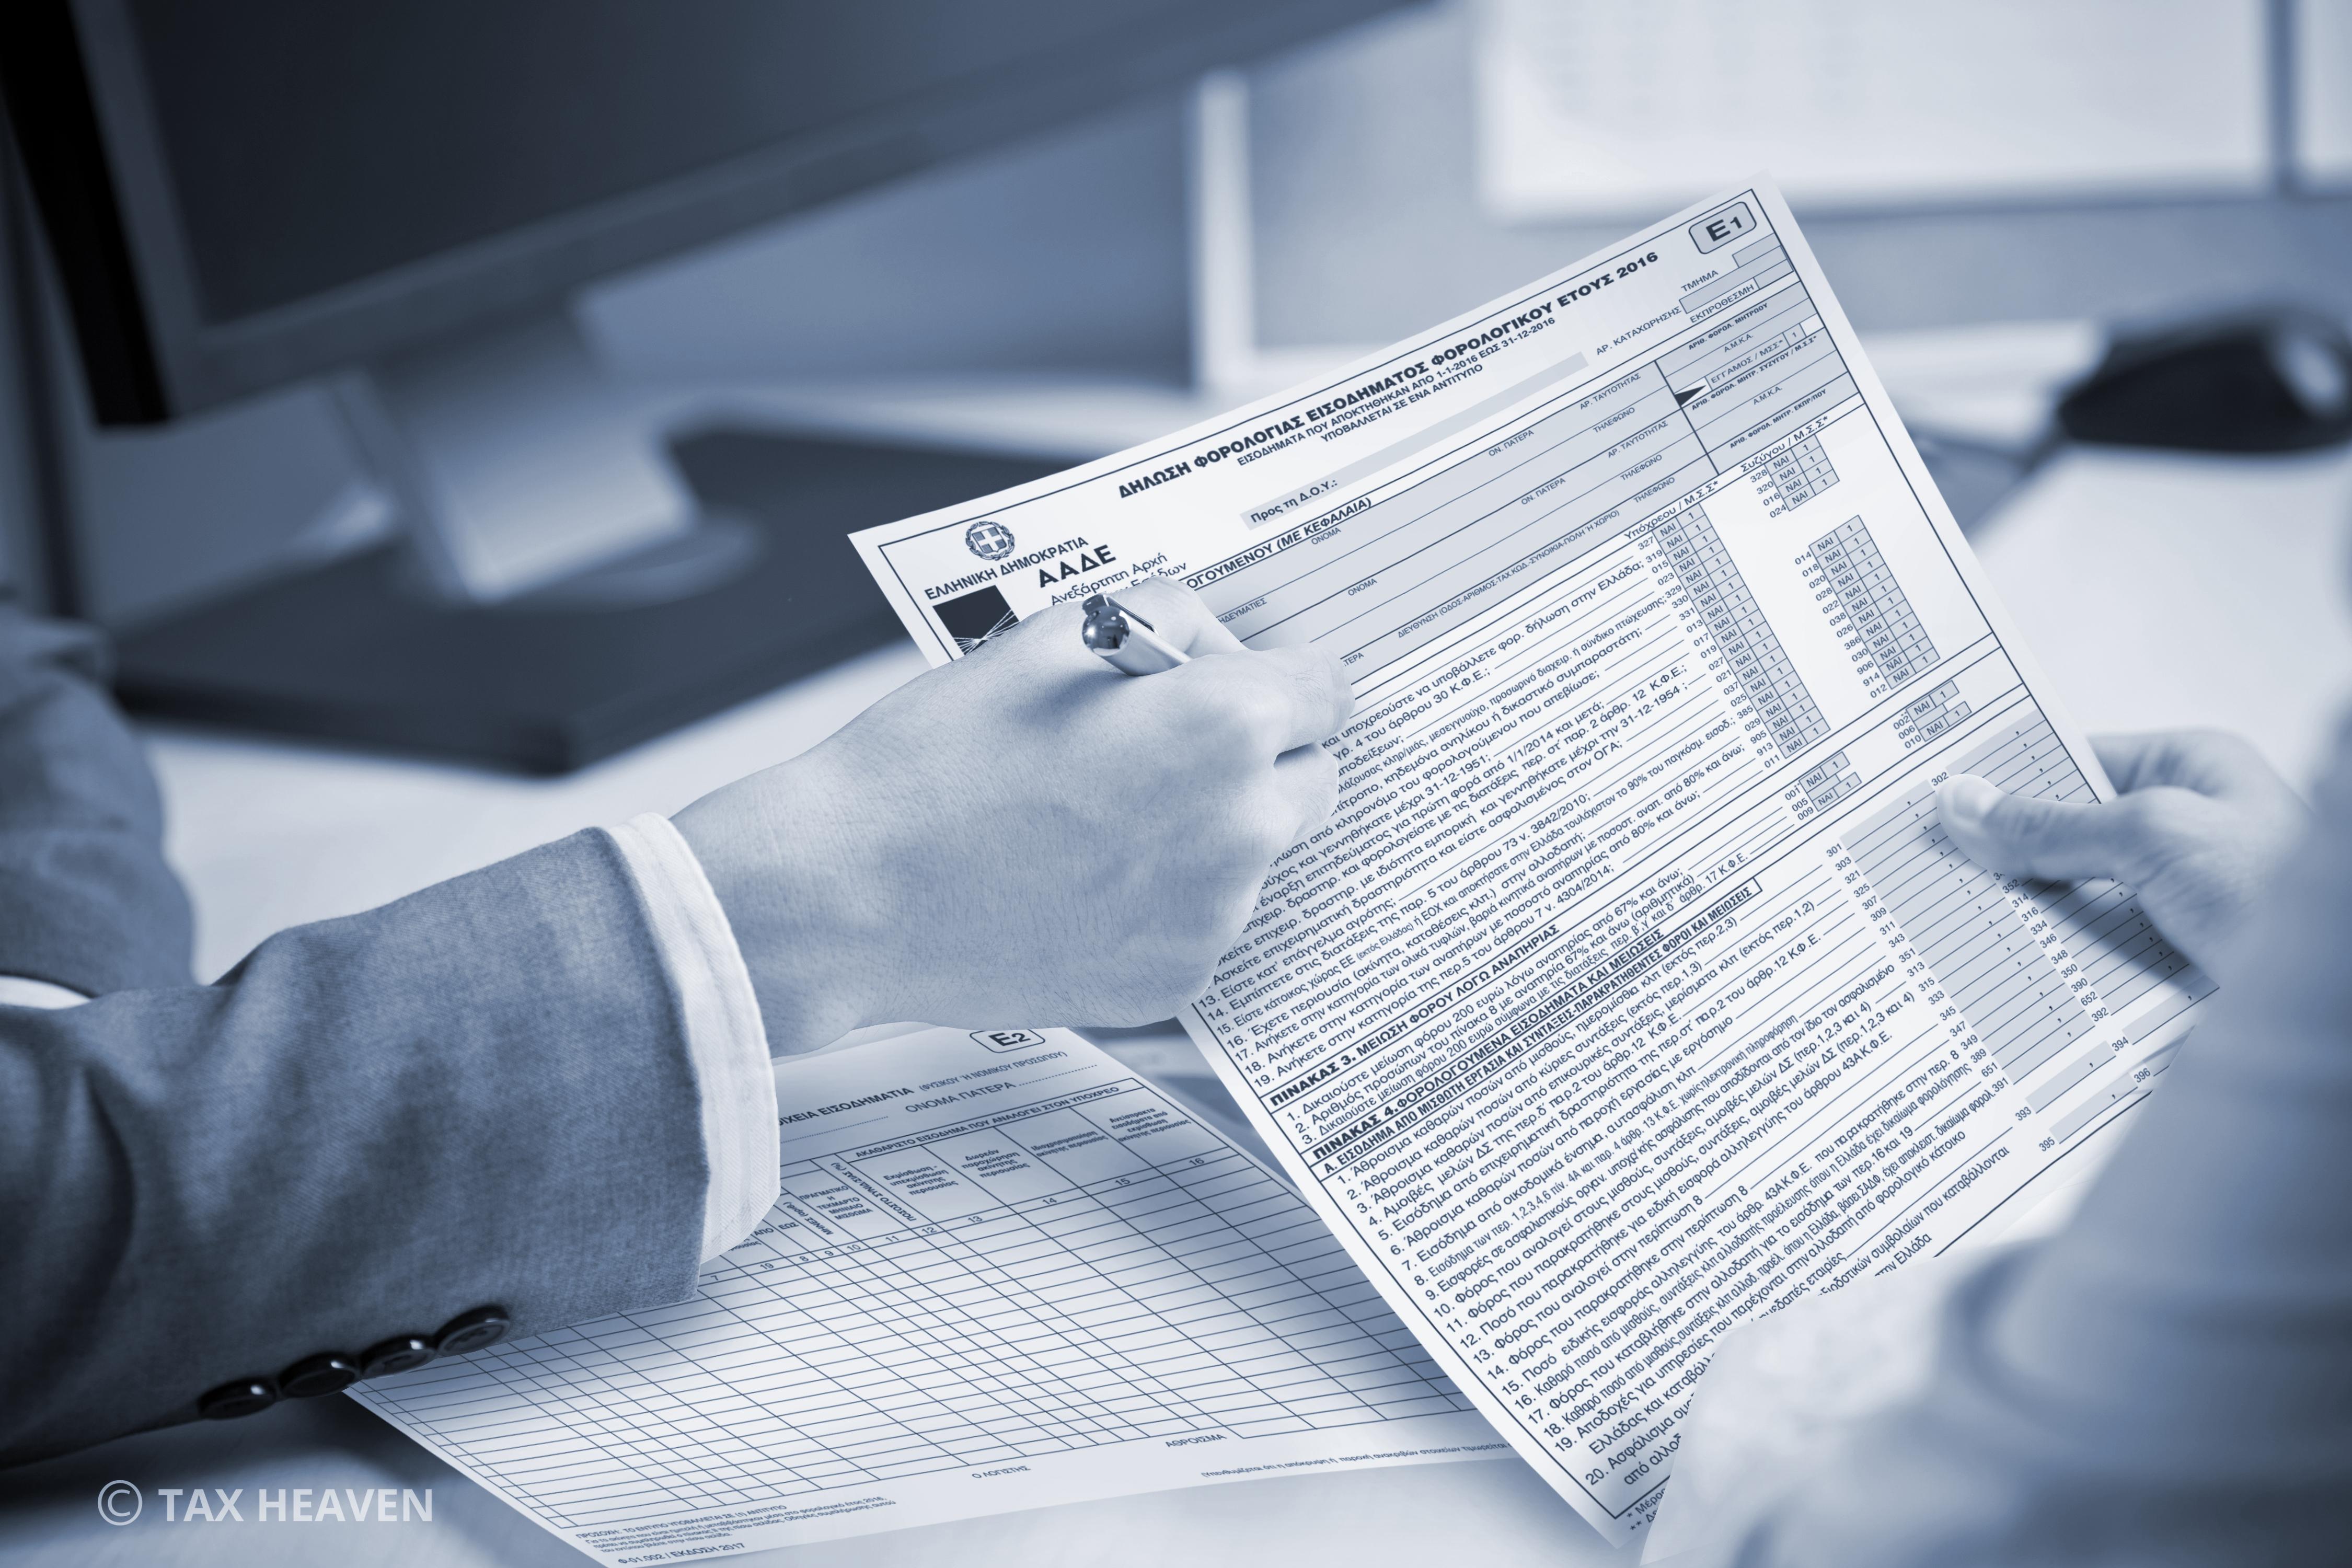 Δημοσιεύθηκε η απόφαση για τα όρια υποχρεωτικής υπογραφής δηλώσεων από λογιστή-φοροτεχνικό